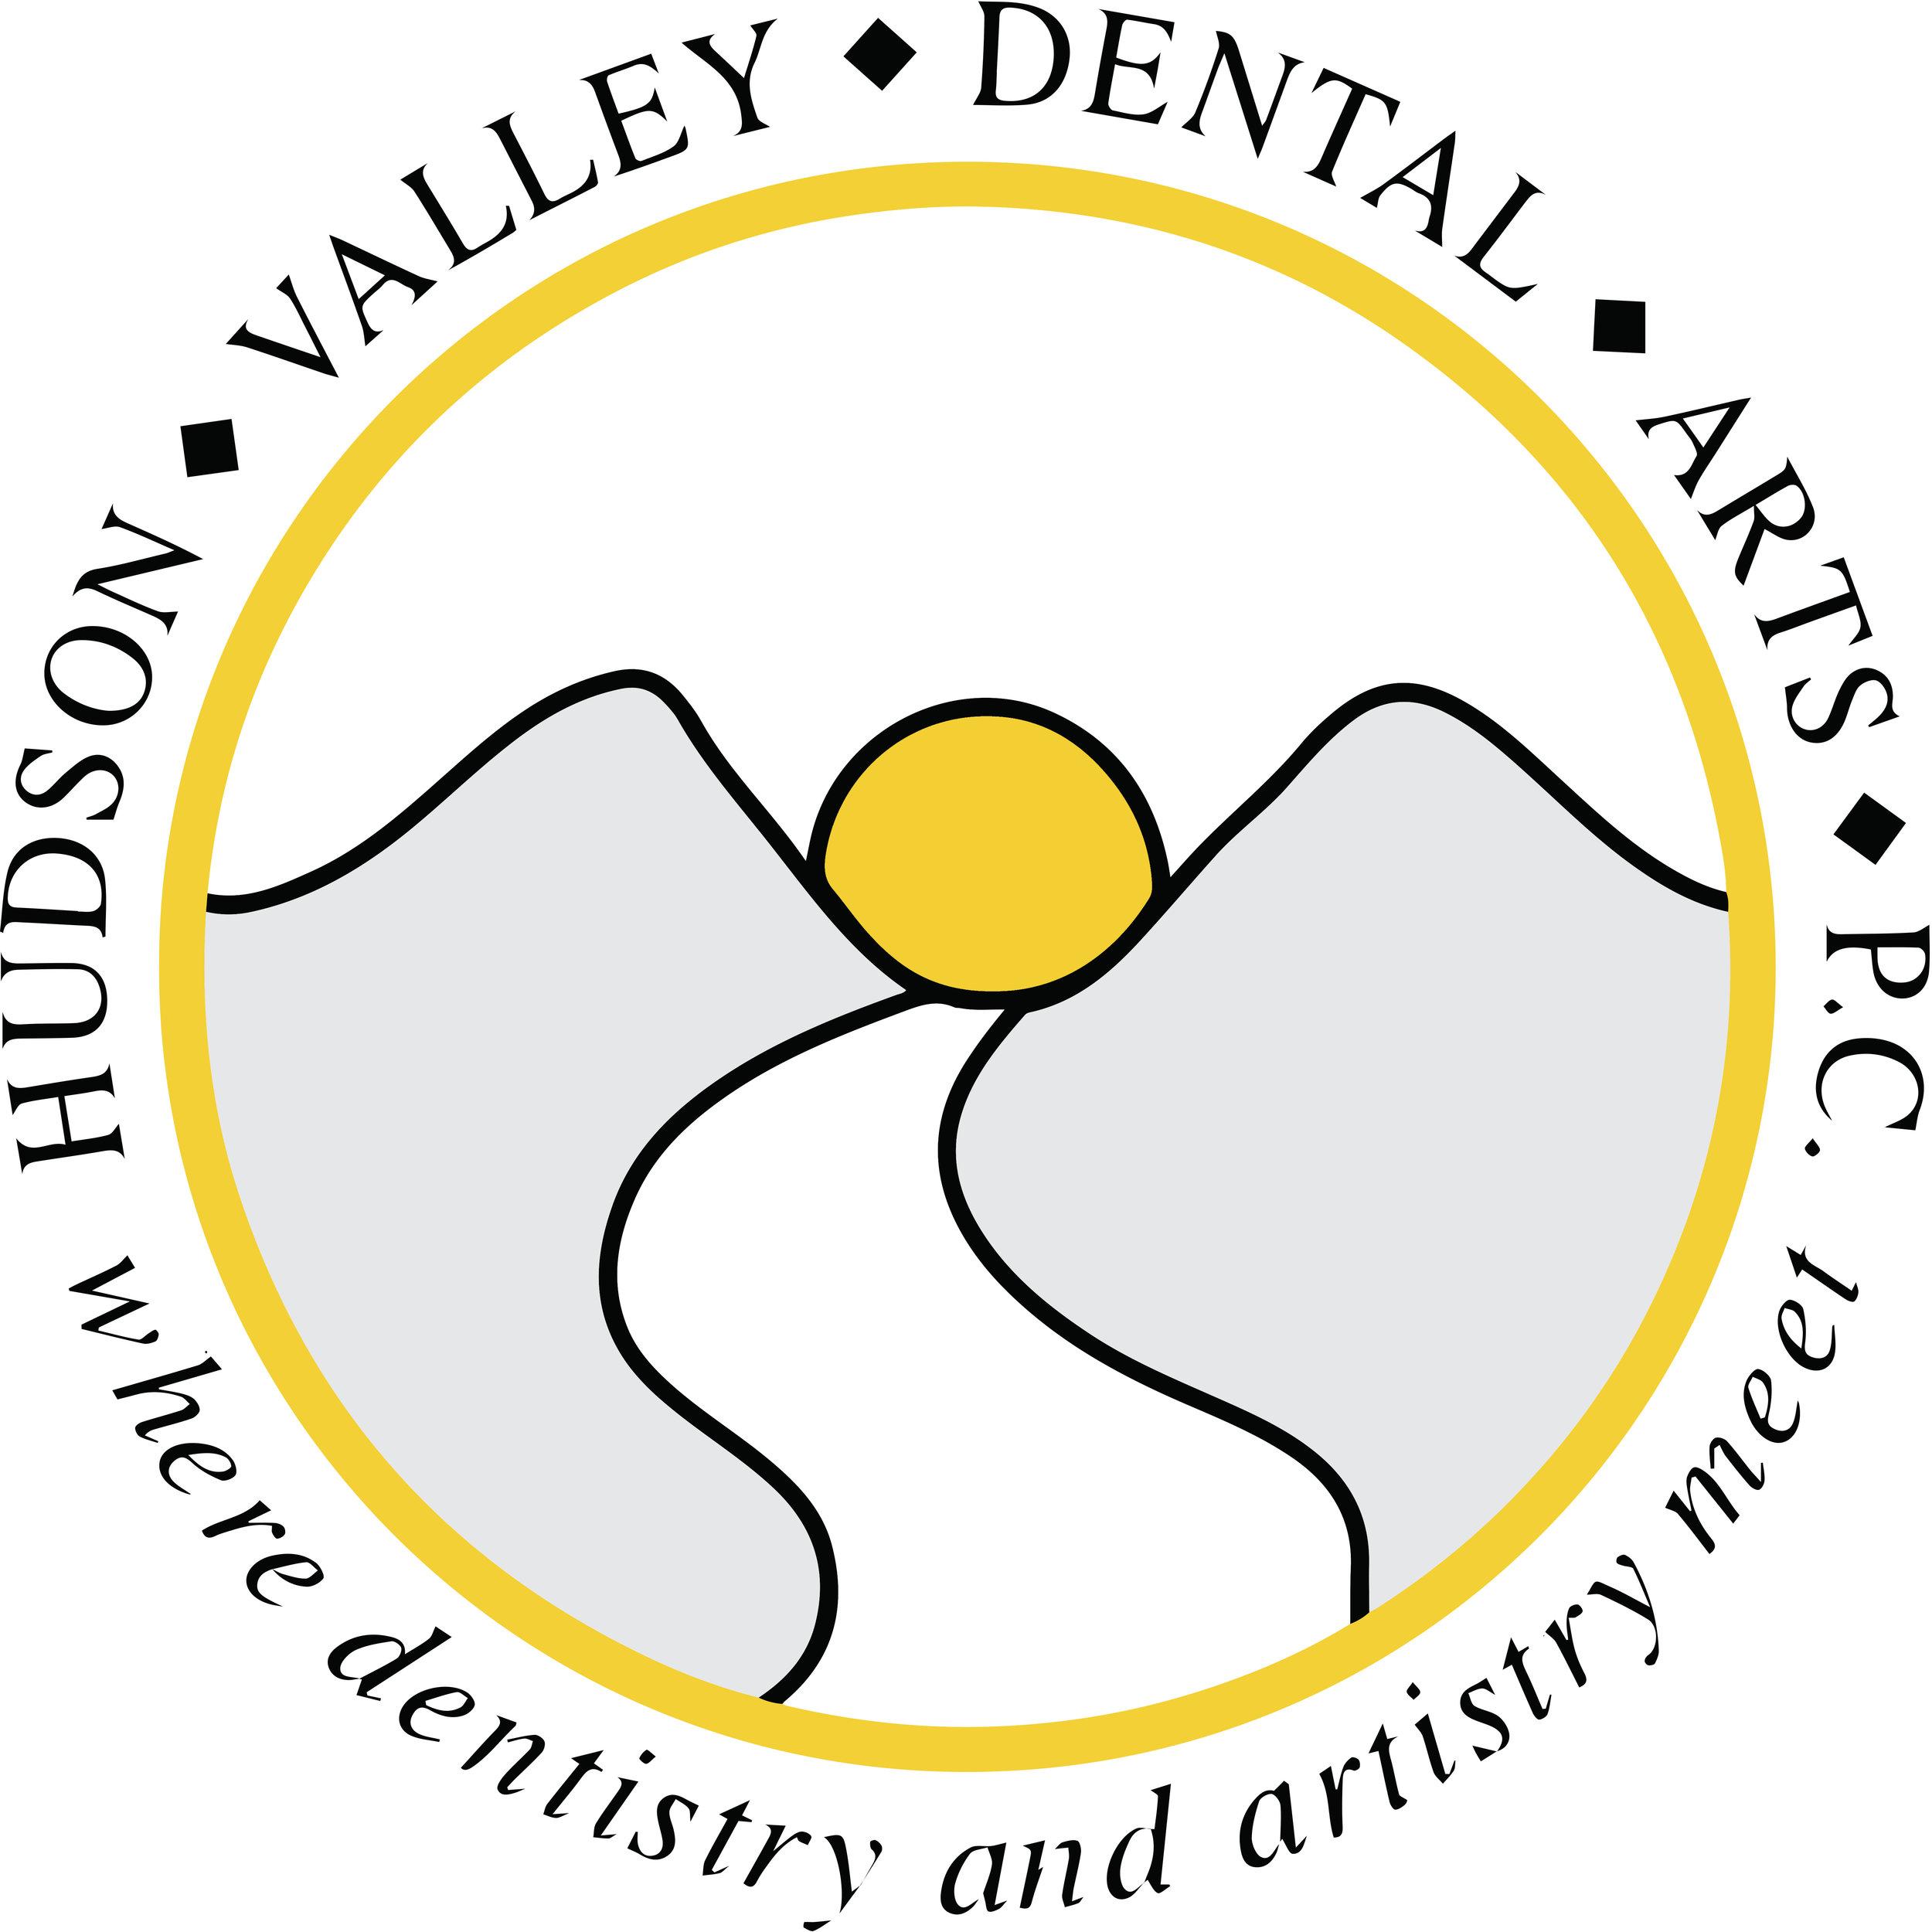 hvda_logo_FINAL.jpg